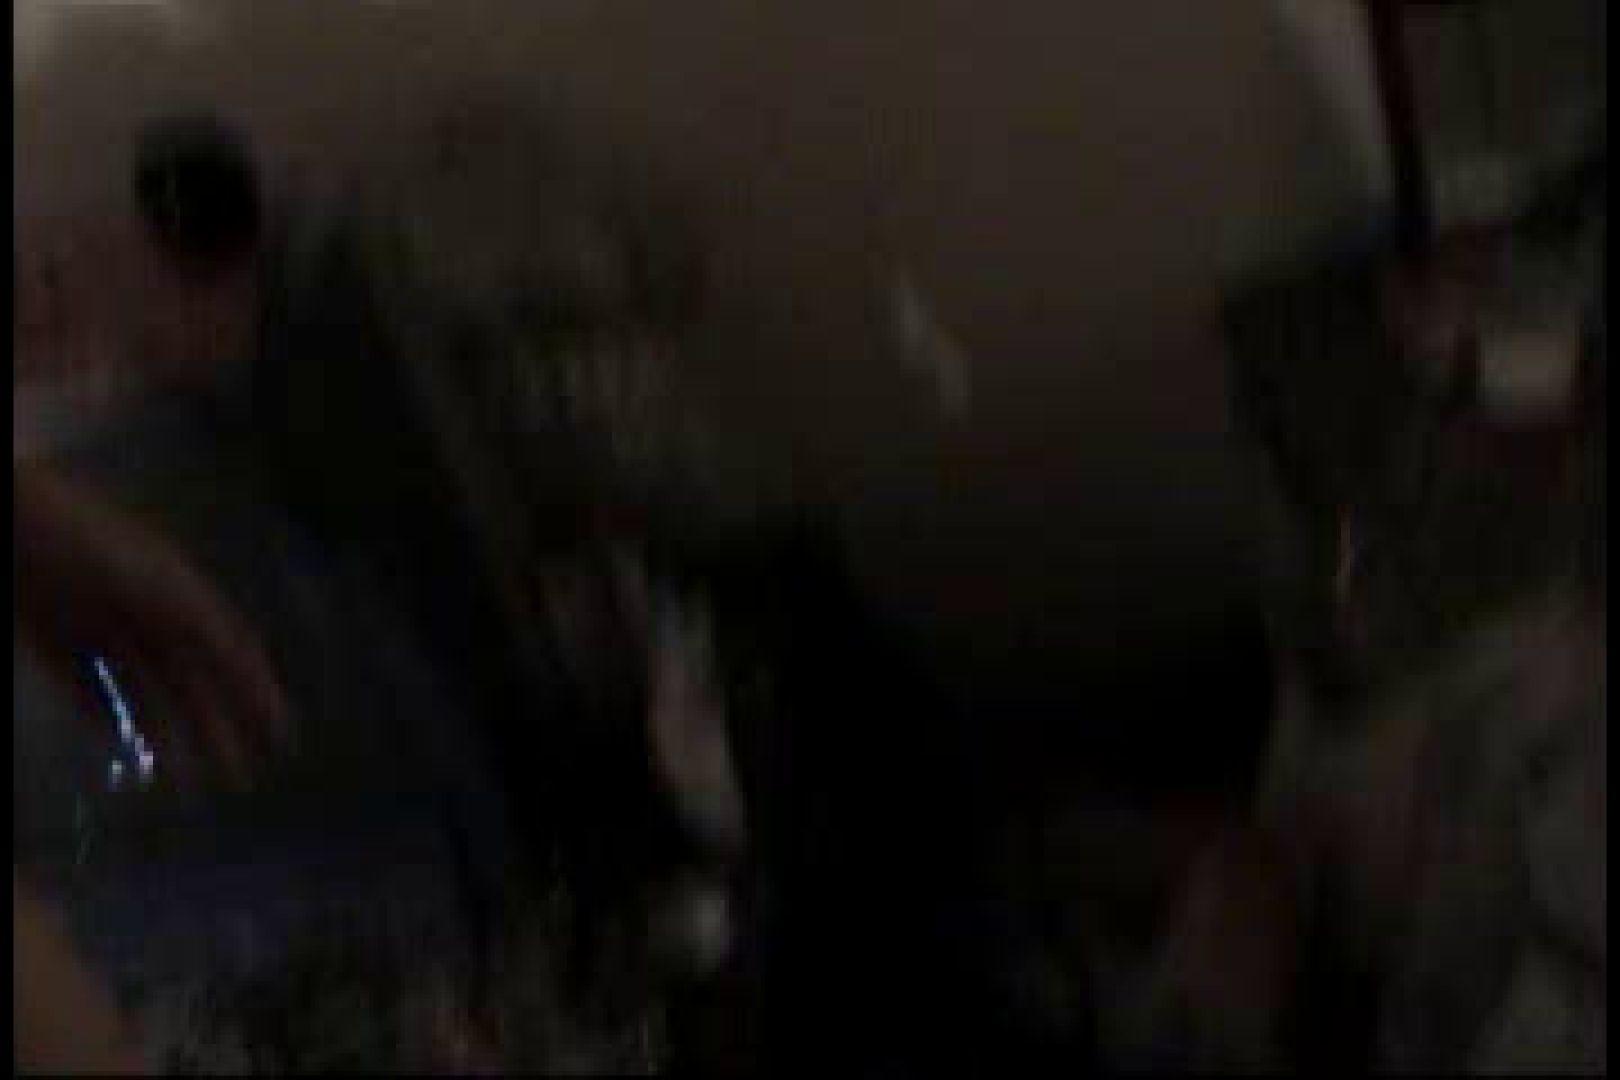 三ツ星シリーズ!!陰間茶屋独占!!第二弾!!イケメン羞恥心File.04 射精  90pic 14